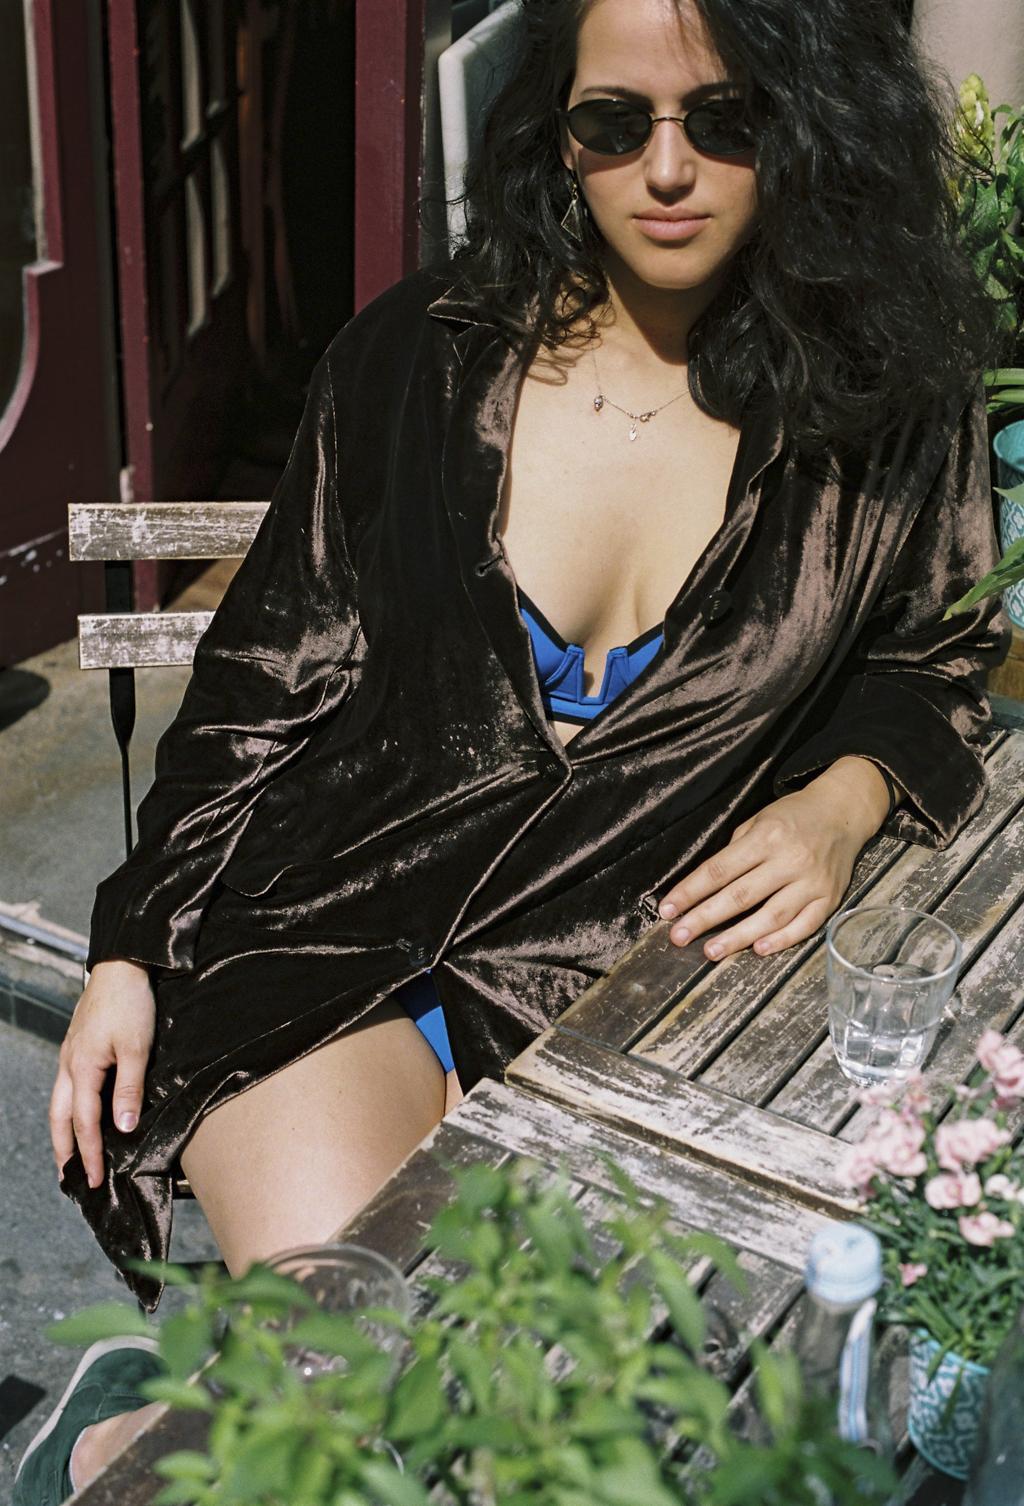 les rituelles lingerie eshop boutique opaak lingerie quotidienne35a.jpg